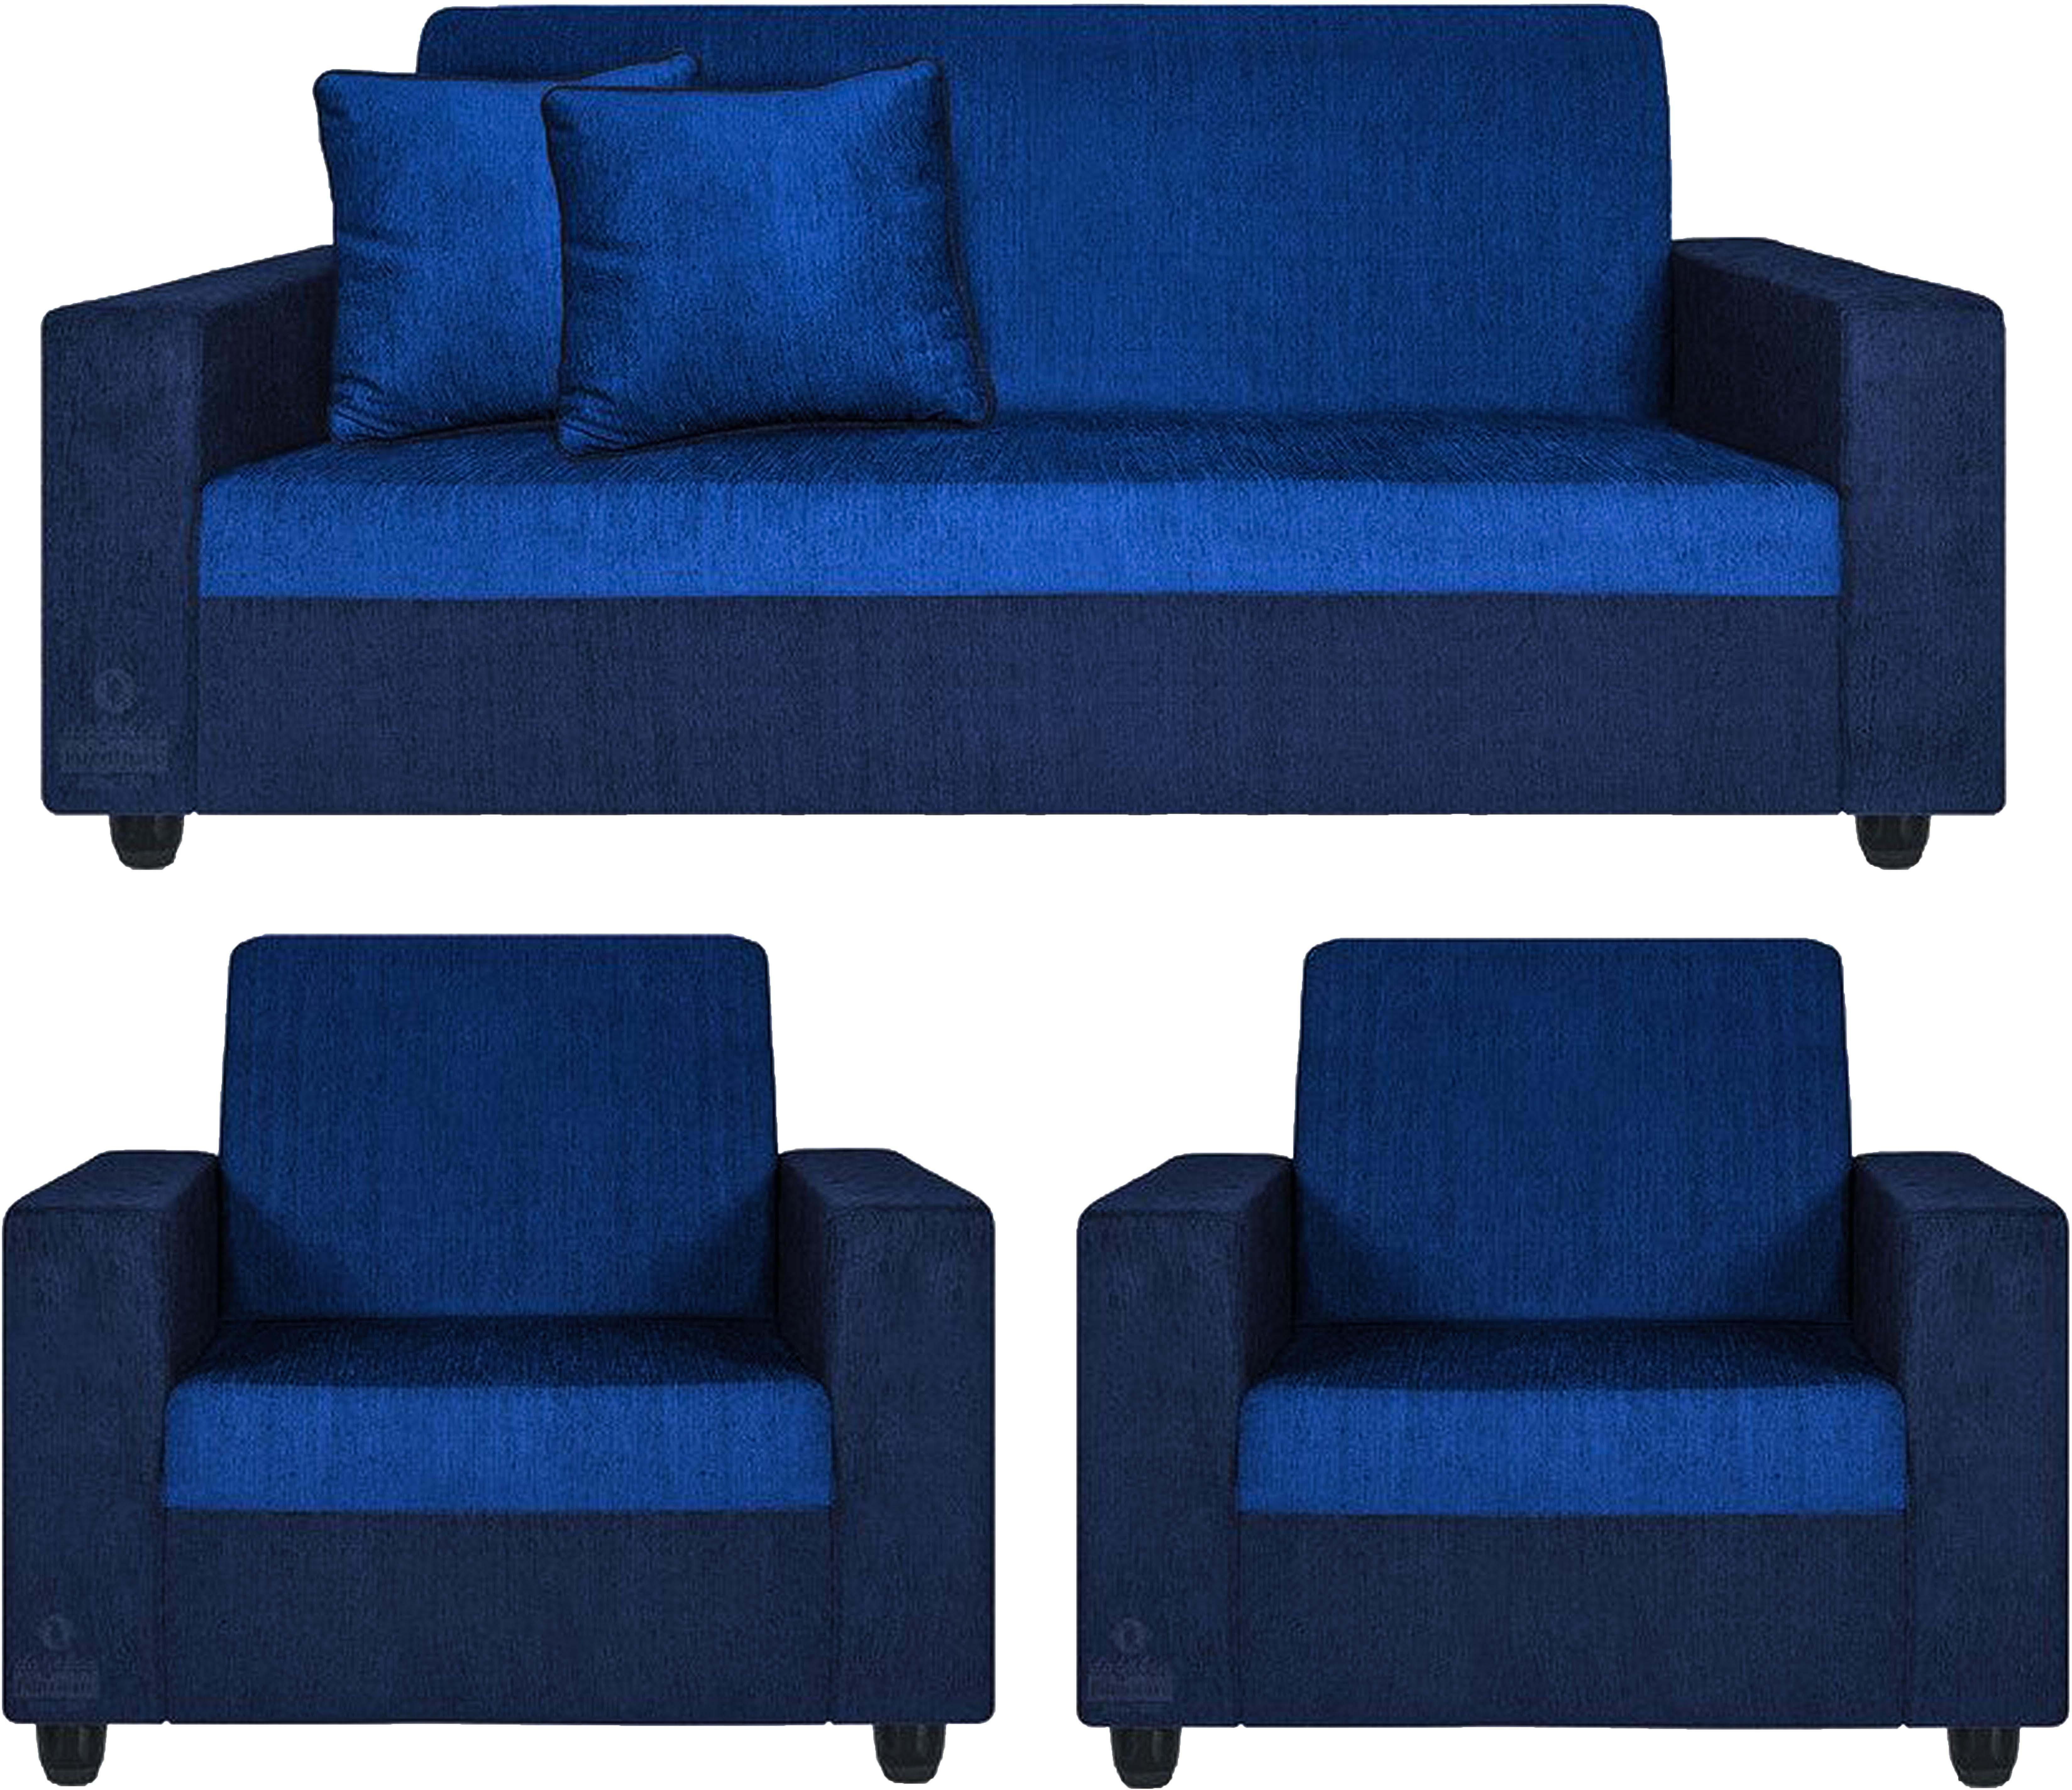 View Comfy Sofa Classy Fabric 3 + 1 + 1 Blue Sofa Set(Configuration - Straight) Furniture (COMFY SOFA)